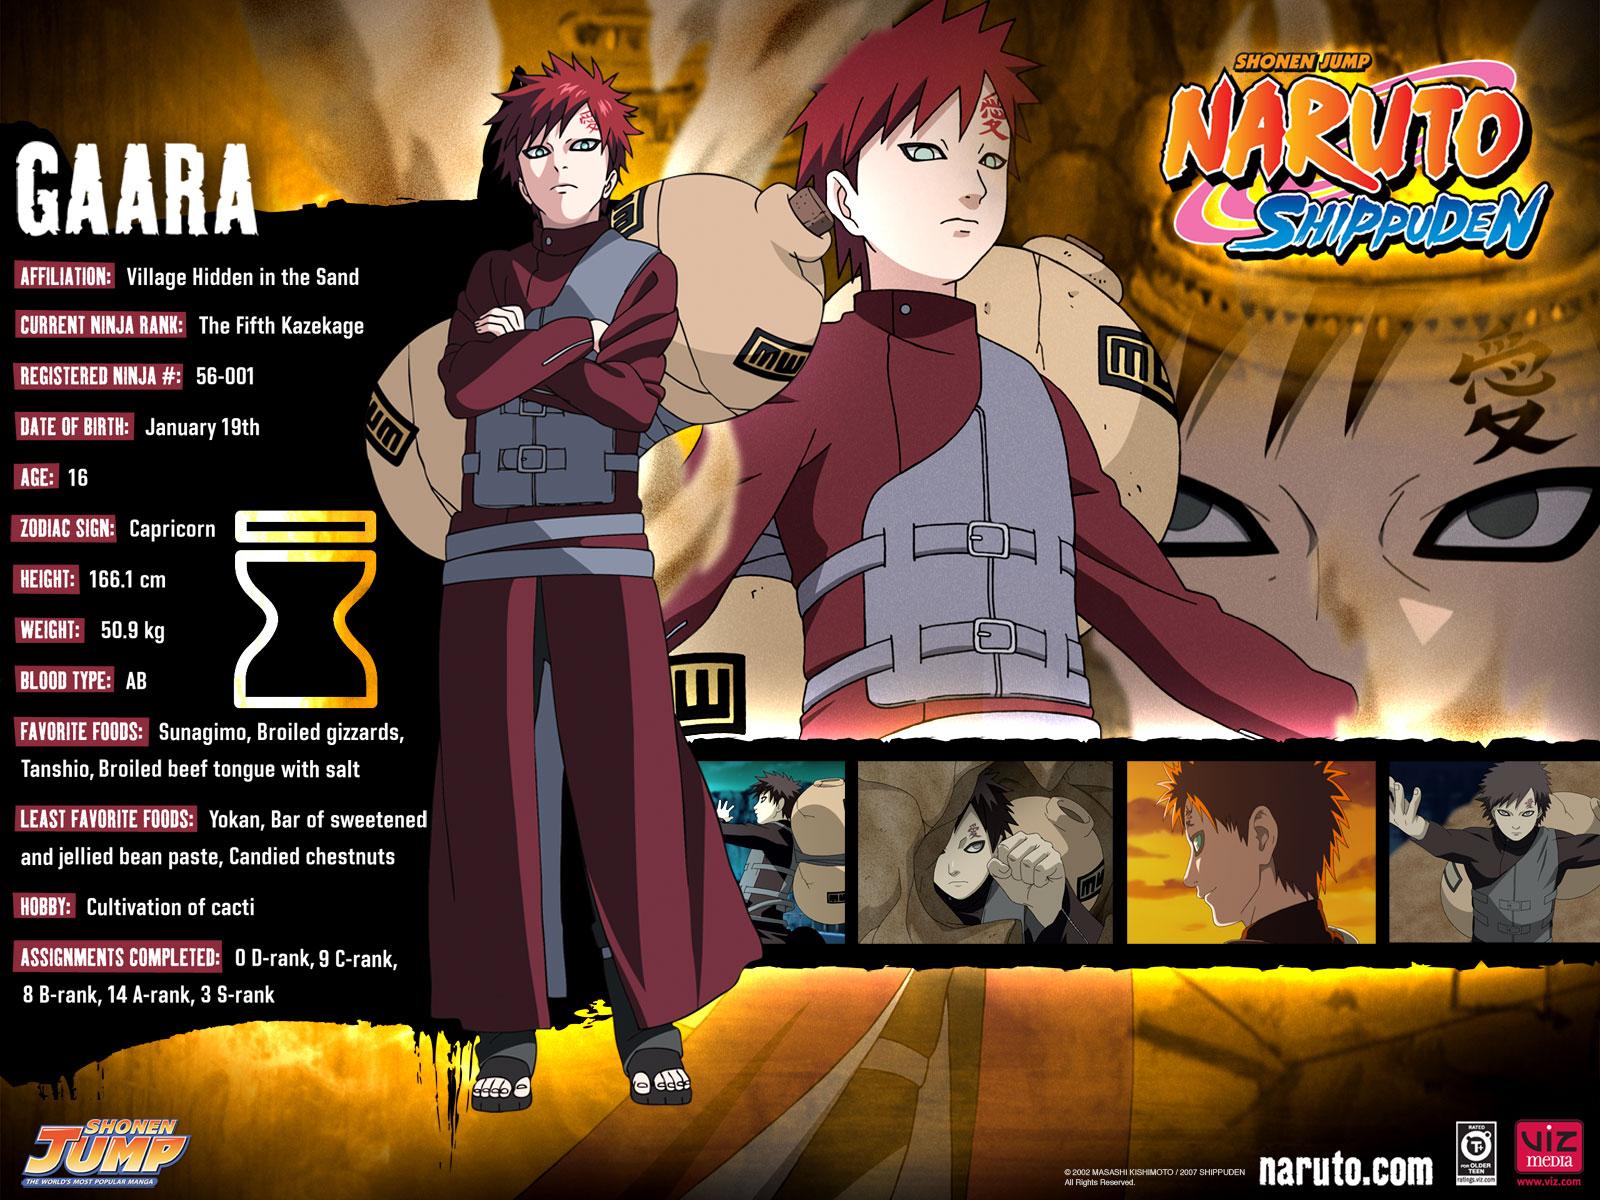 Description Gaara Naruto Shippuden Wallpaper Naruto Wallpaper is a 1600x1200